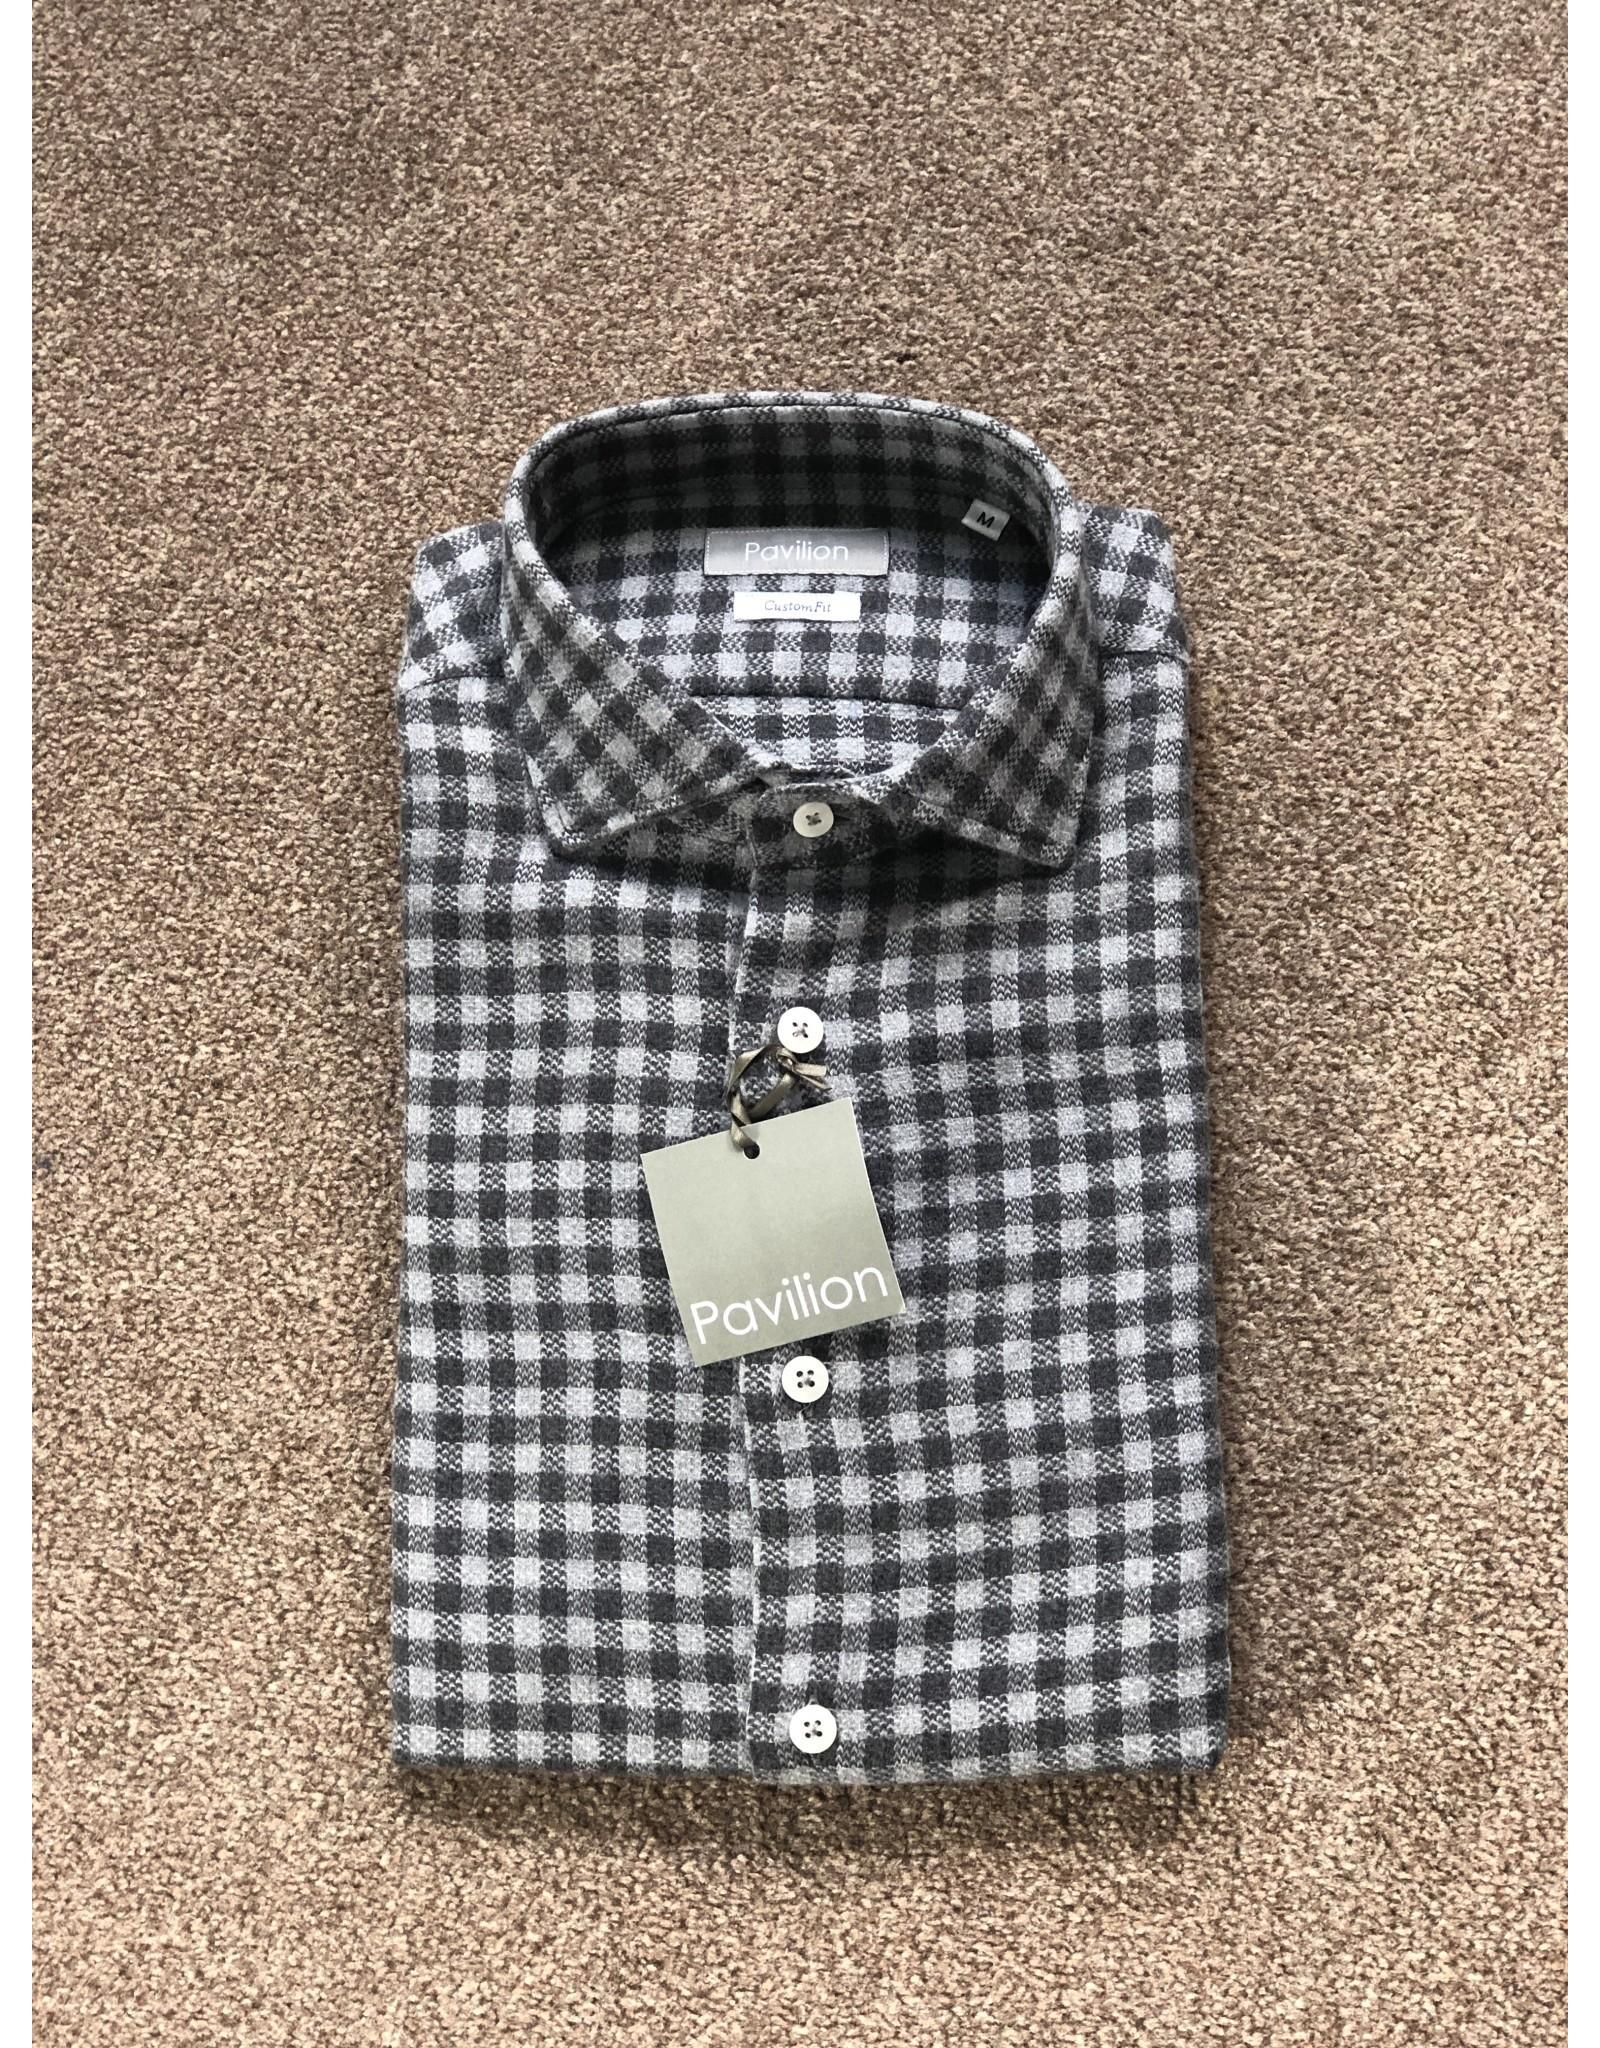 Pavilion Mens Check Flannel Shirt